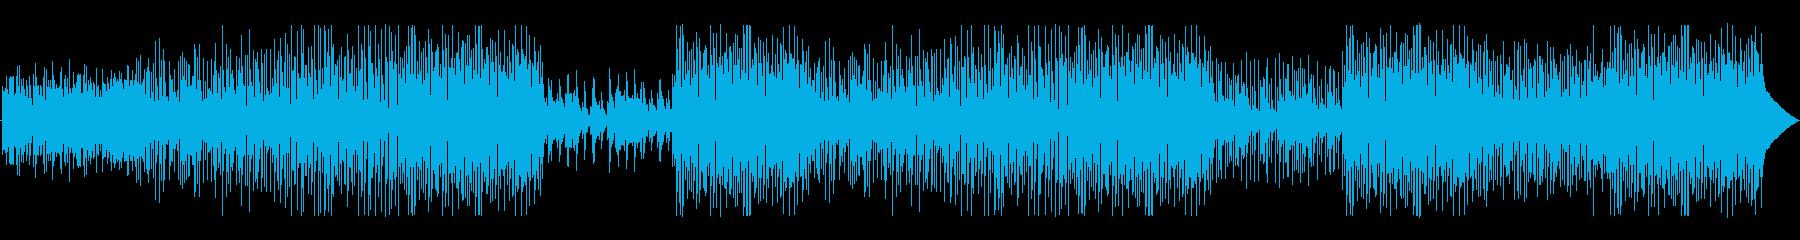 モダンなグルーヴに伝統的なジャズの...の再生済みの波形